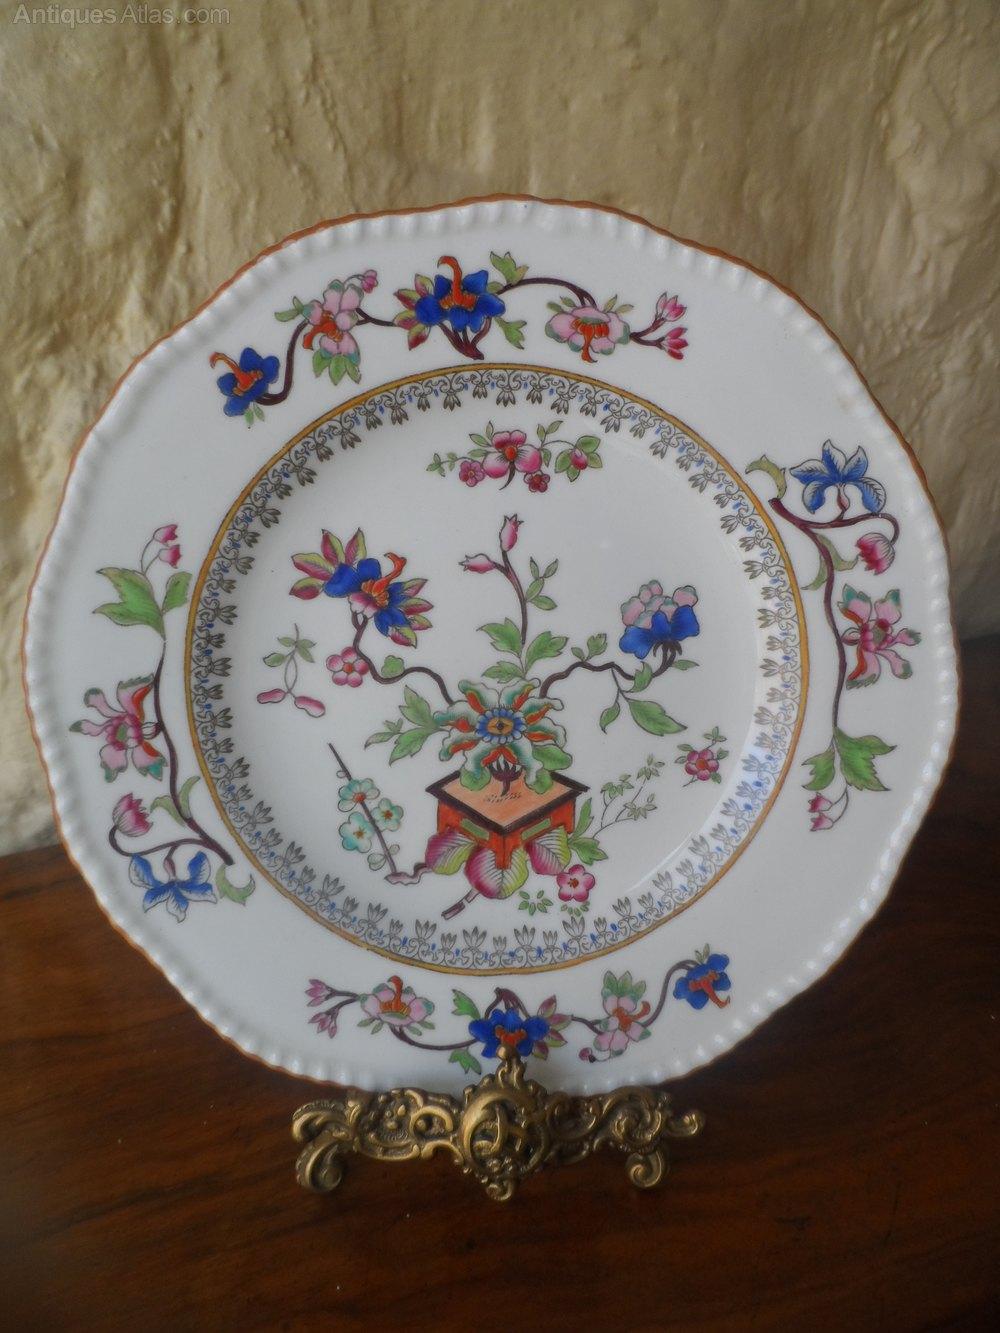 Antiques Atlas Coalport Handpainted Flower Pot Cabinet Plate